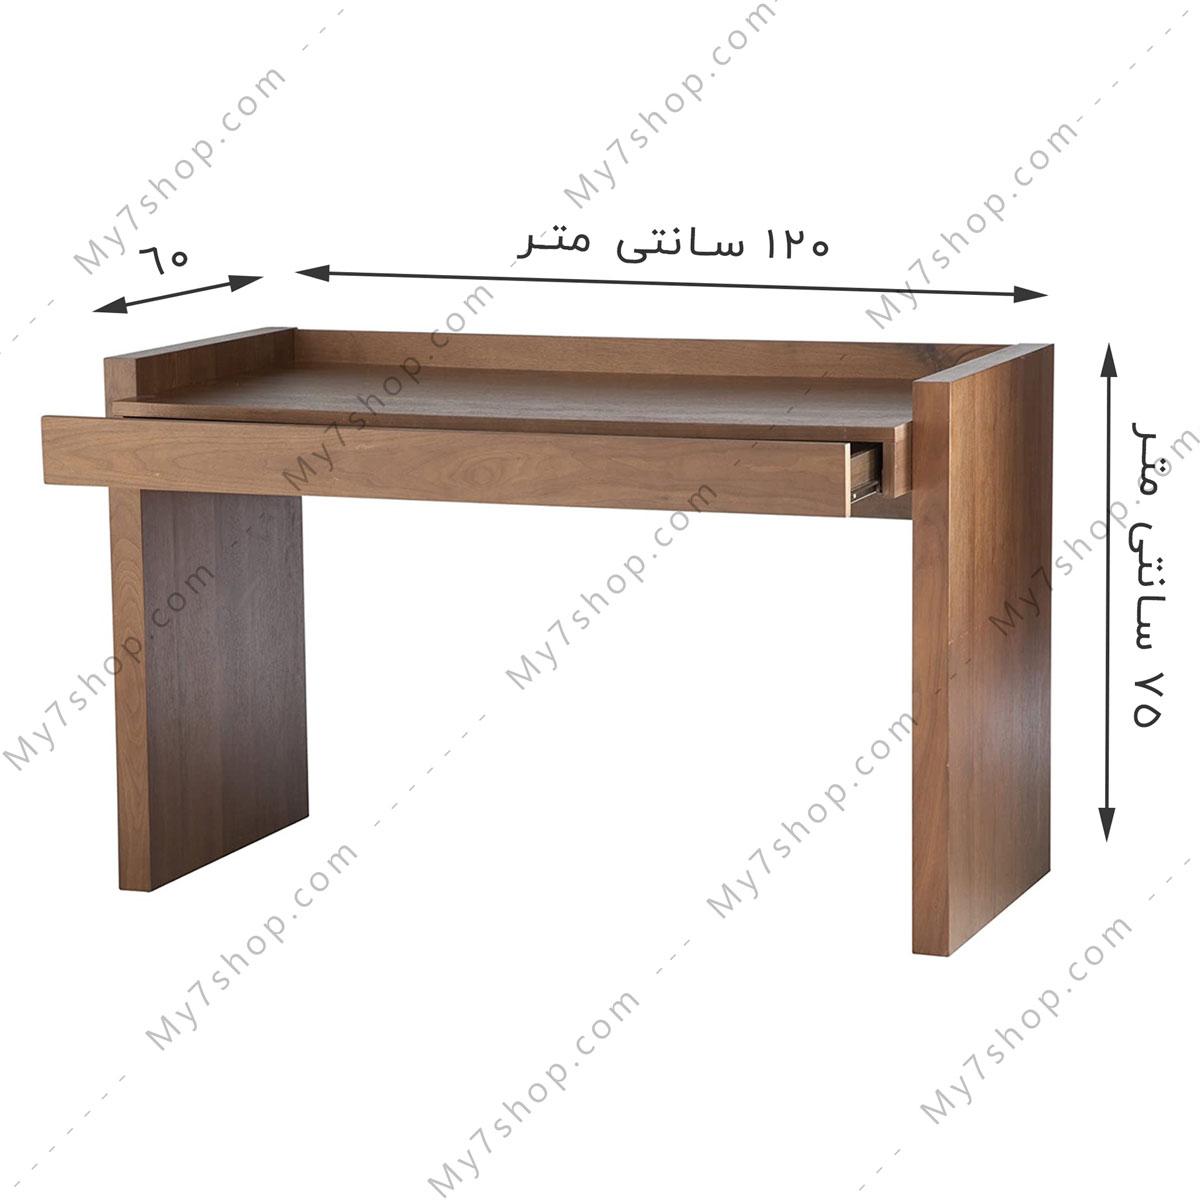 ابعاد میز تحریر 7517